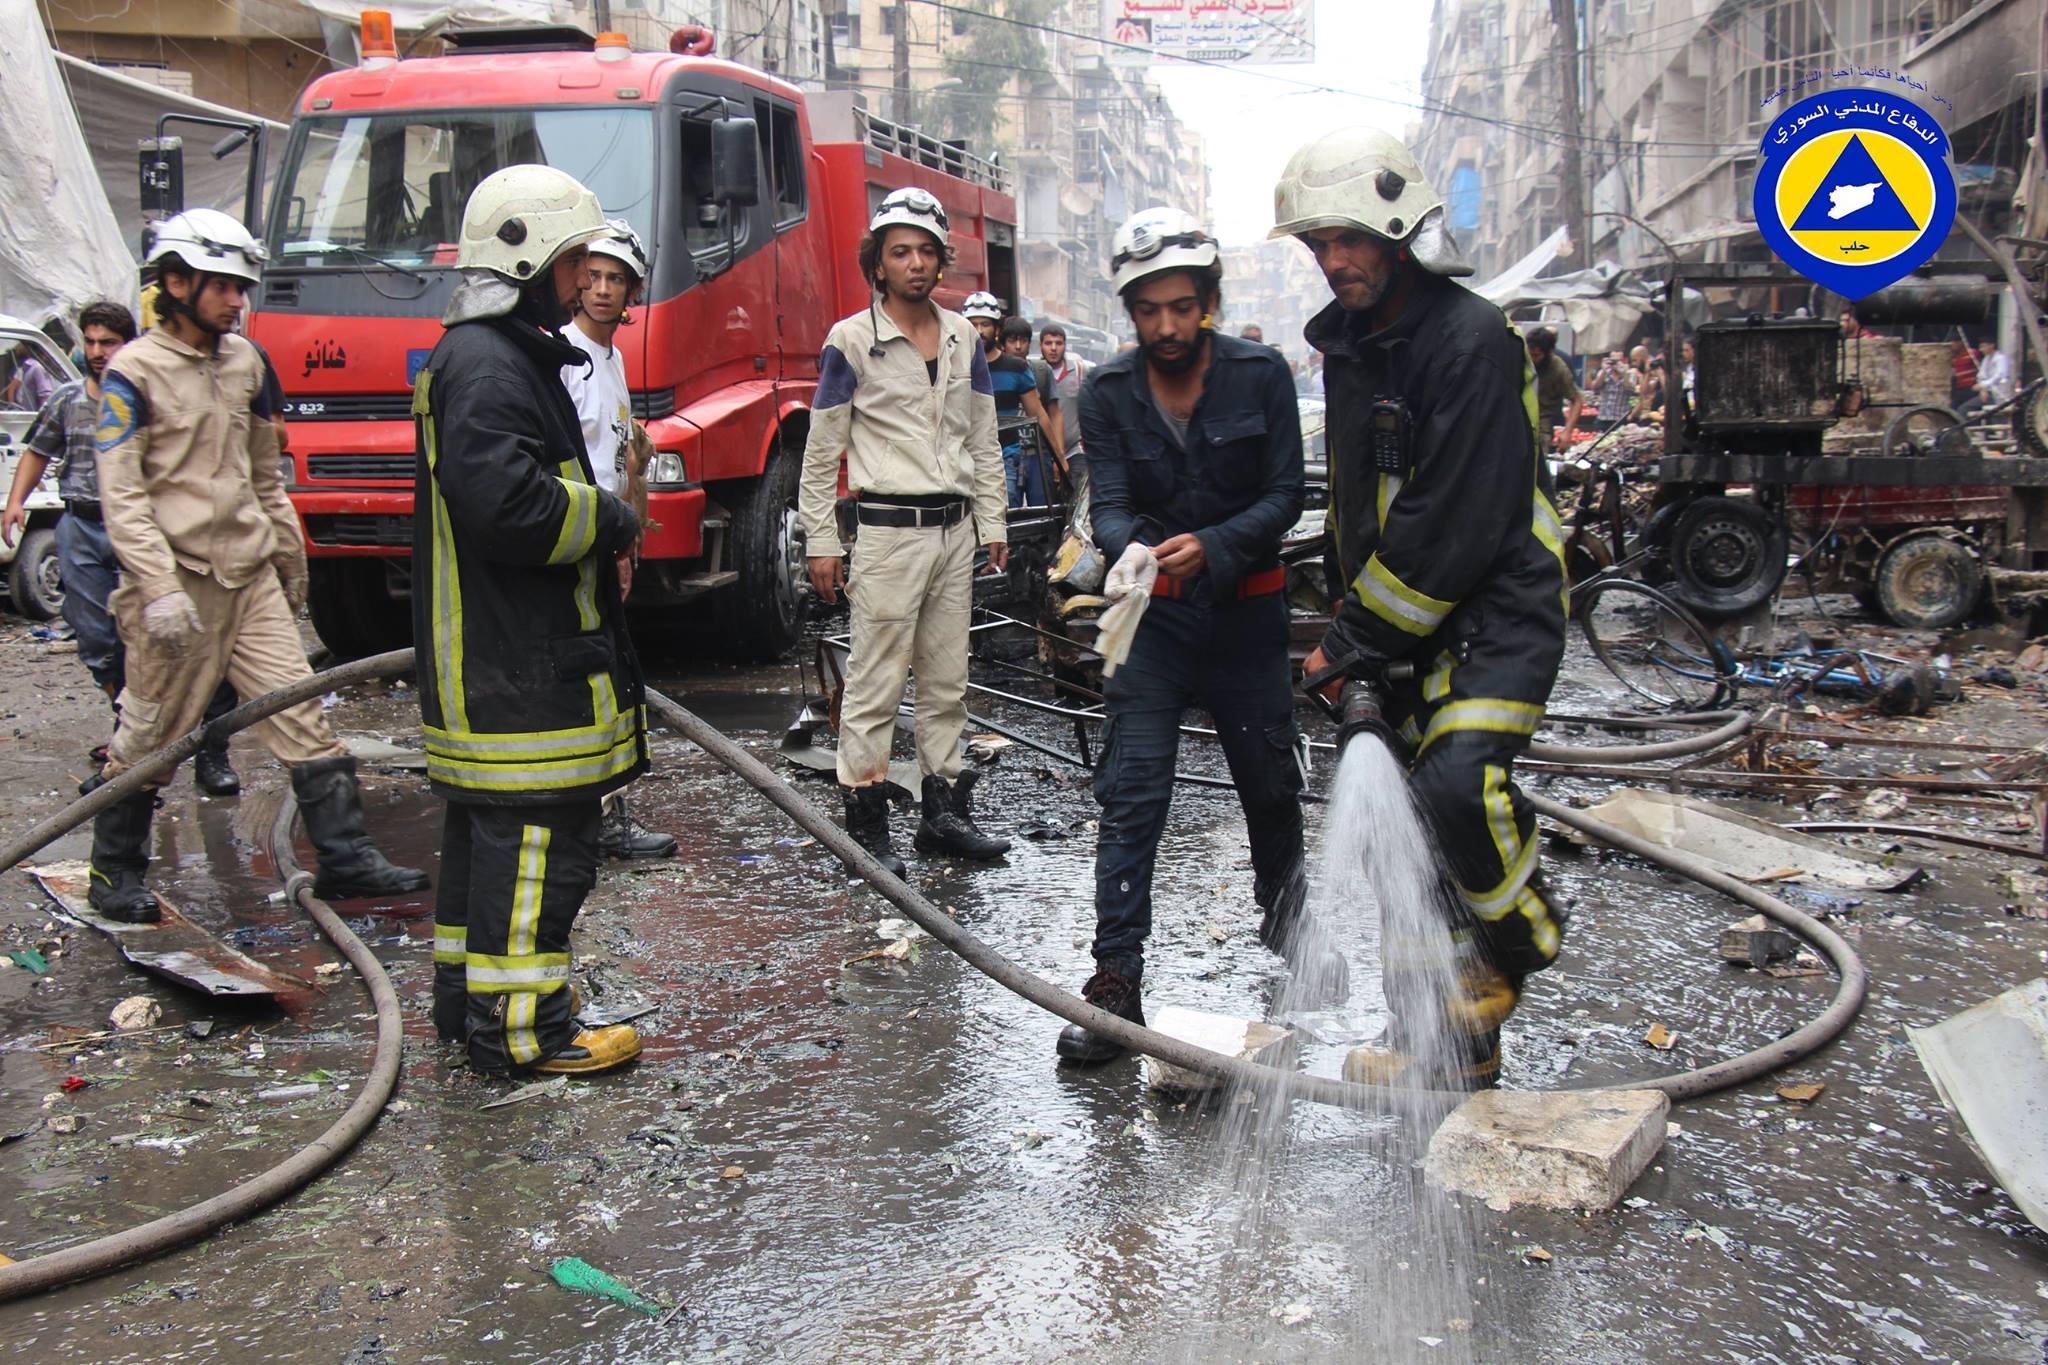 عناصر الدفاع المدني يقومون بإطفاء الحرائق الناجمة عن القصف على السوق